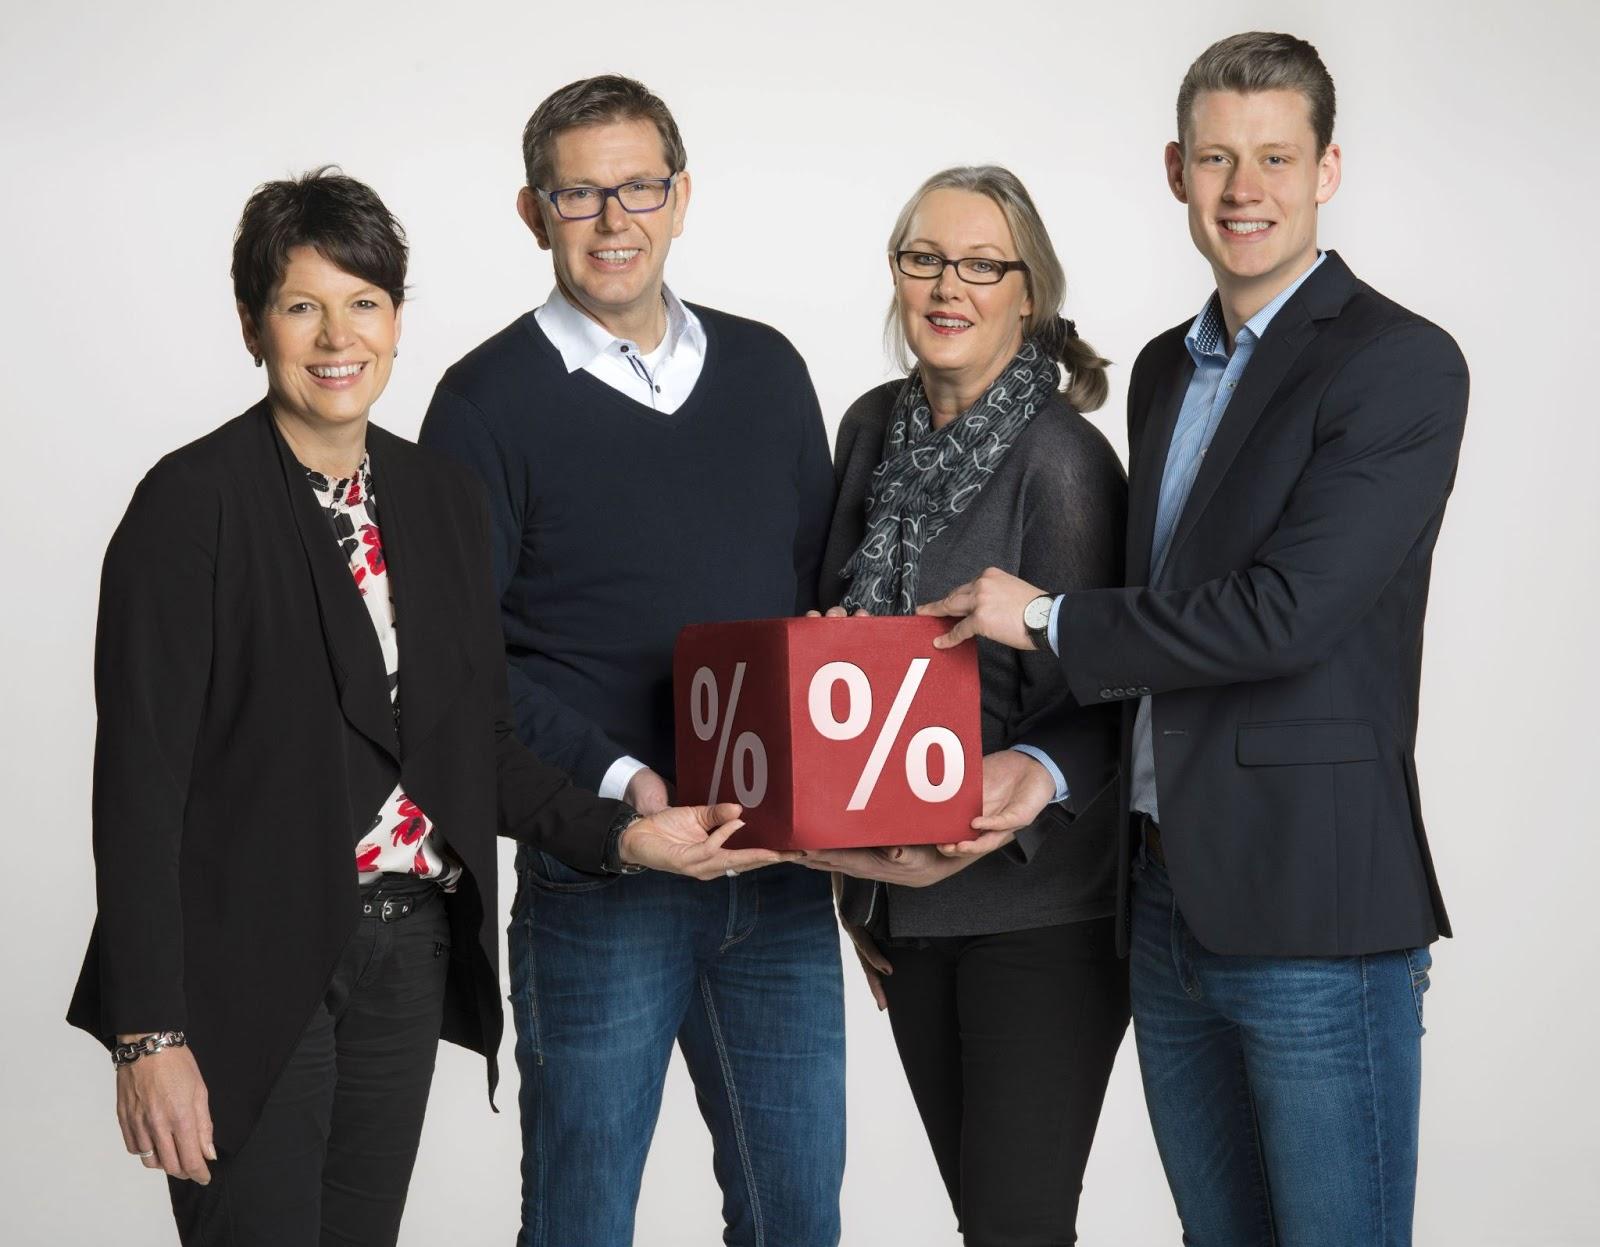 Vier Mitarbeiter der Firma halten ein Prozentpaket in den Händen